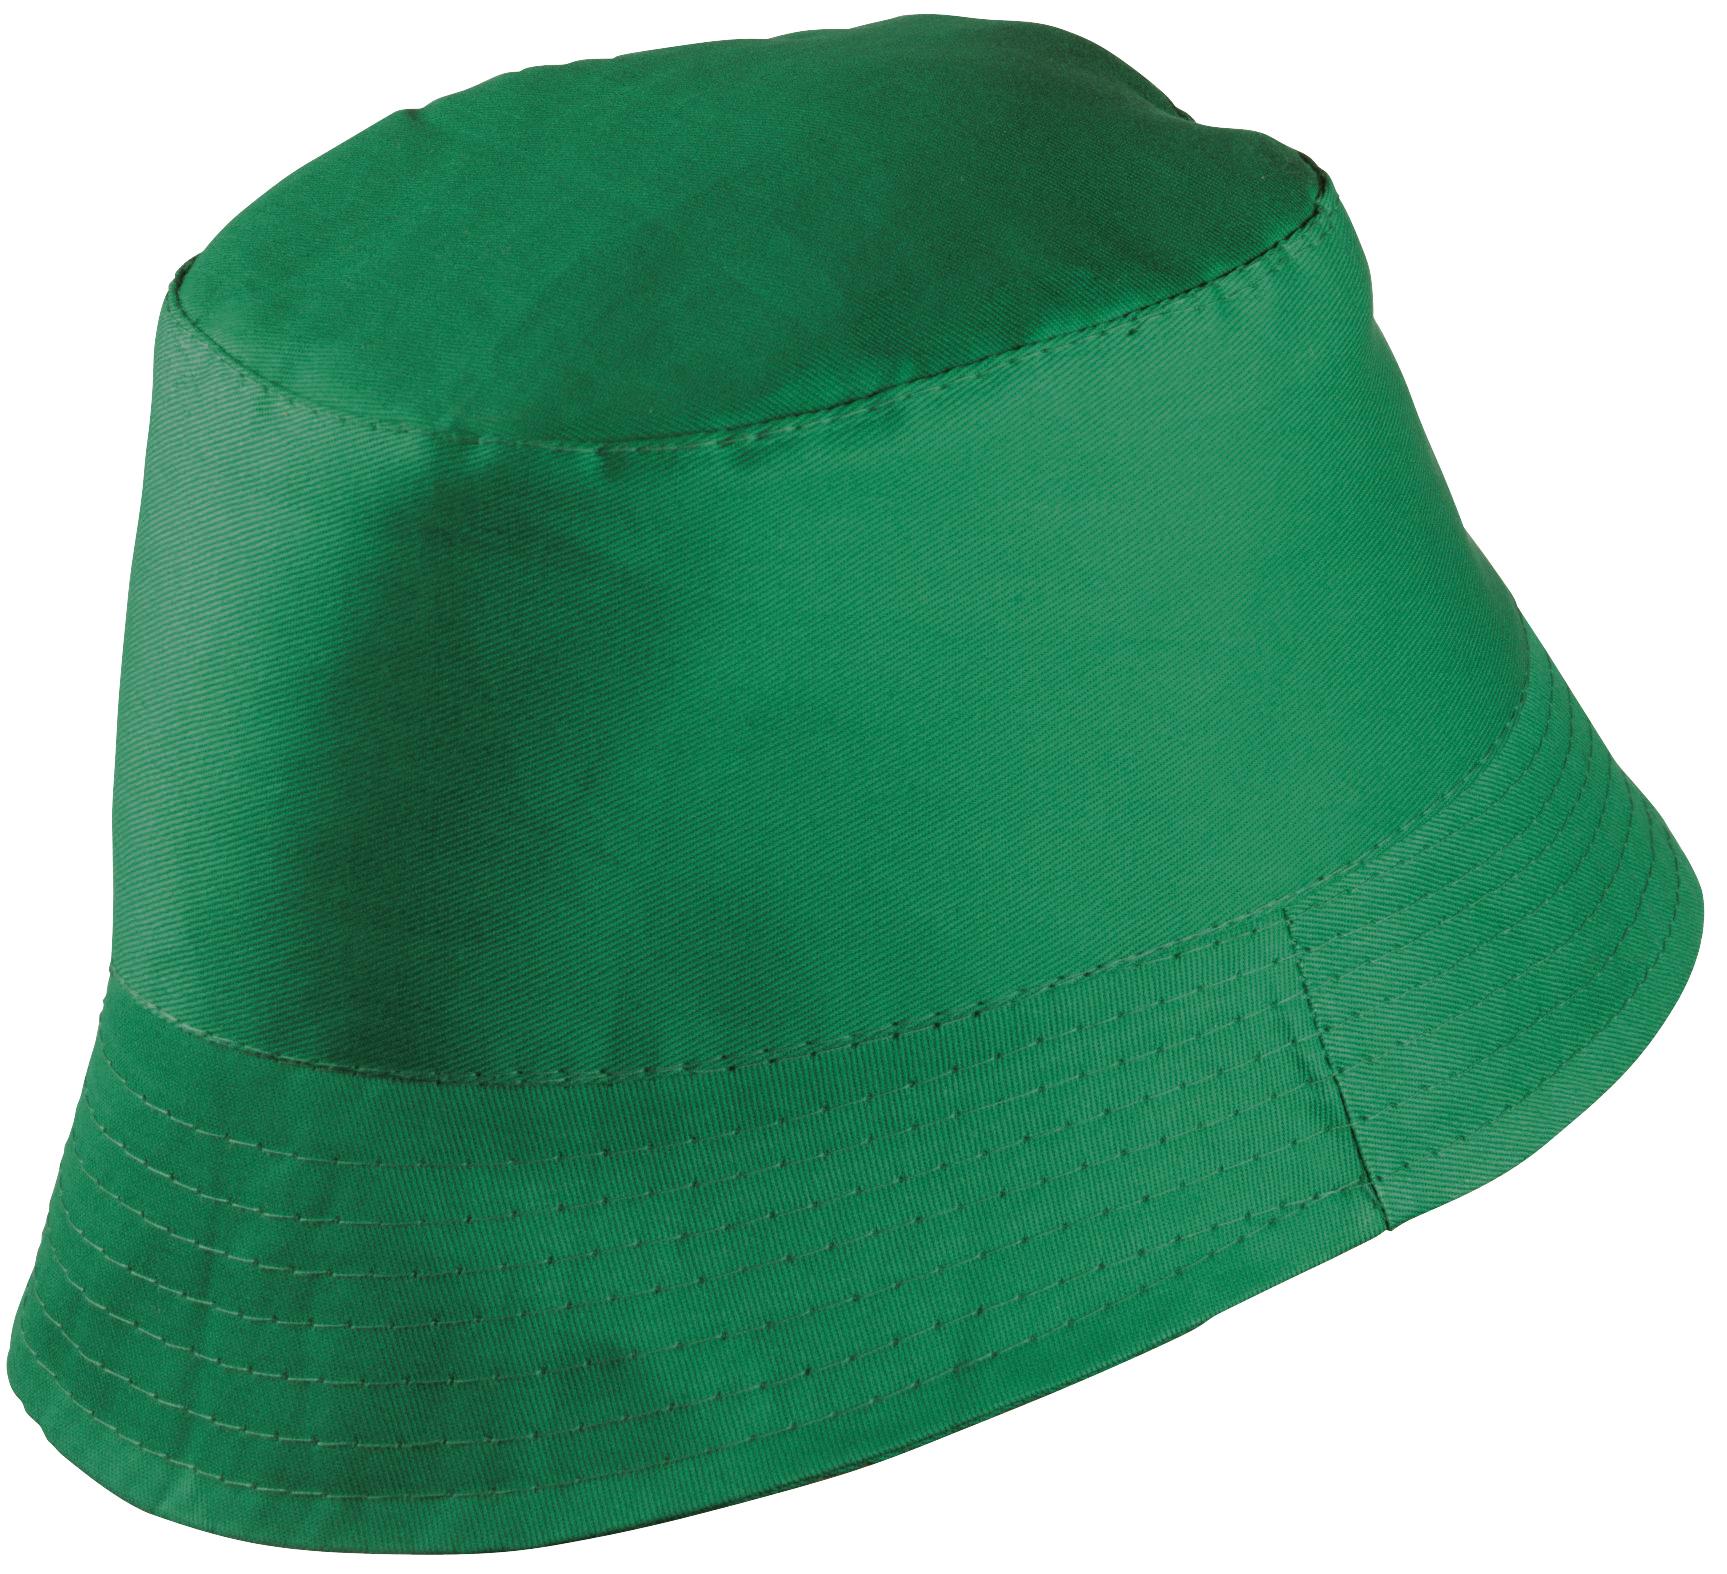 Kapelusz przeciwsłoneczny SHADOW, zielony